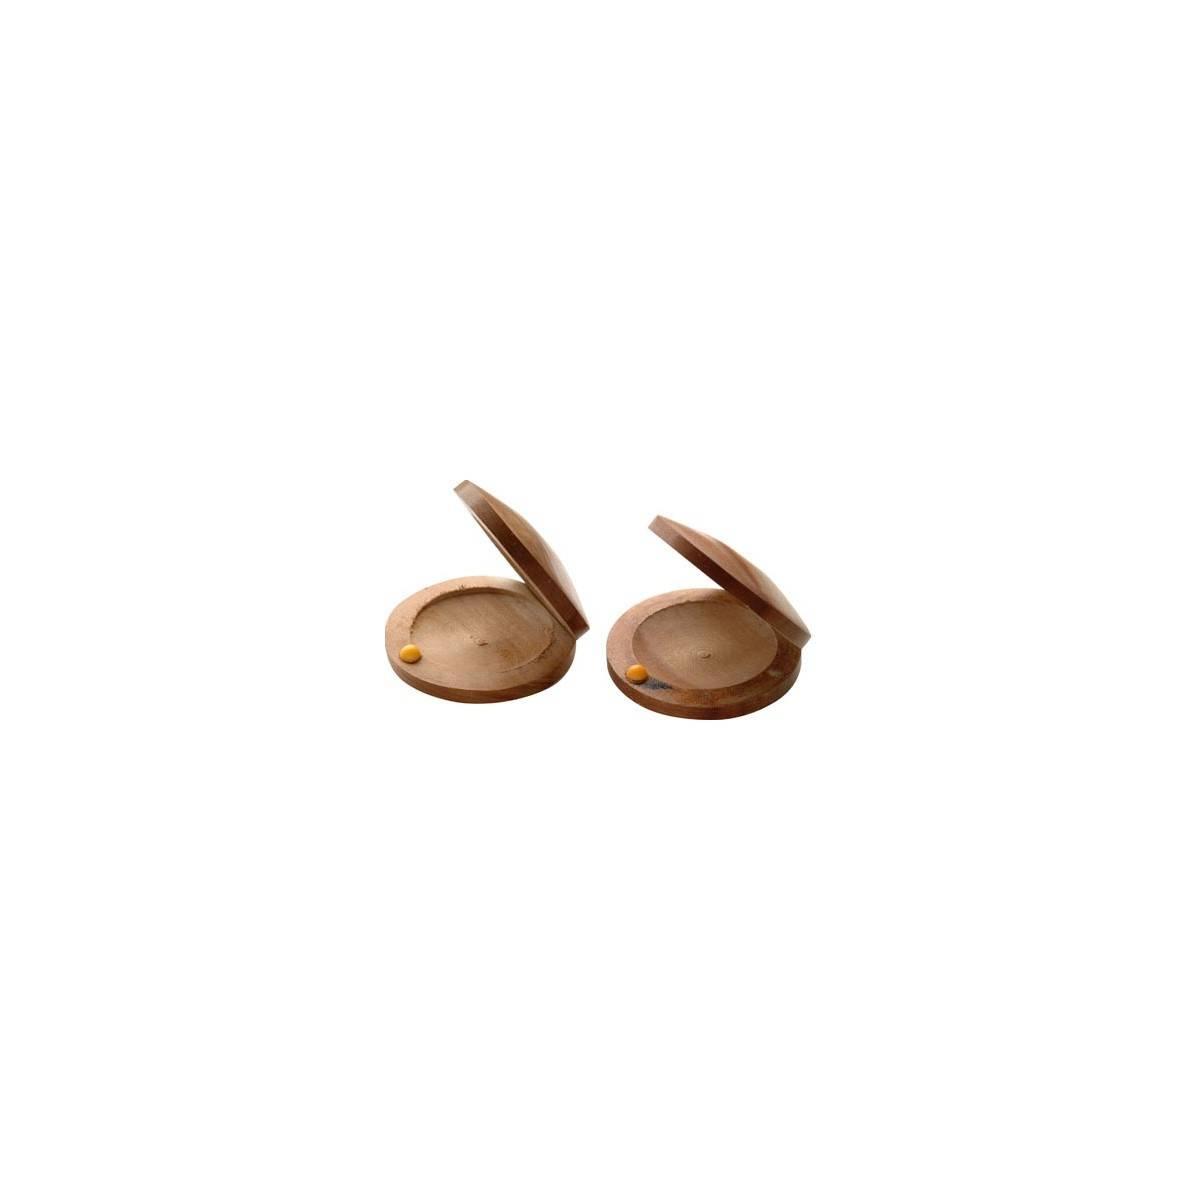 Paire de castagnettes bois naturel